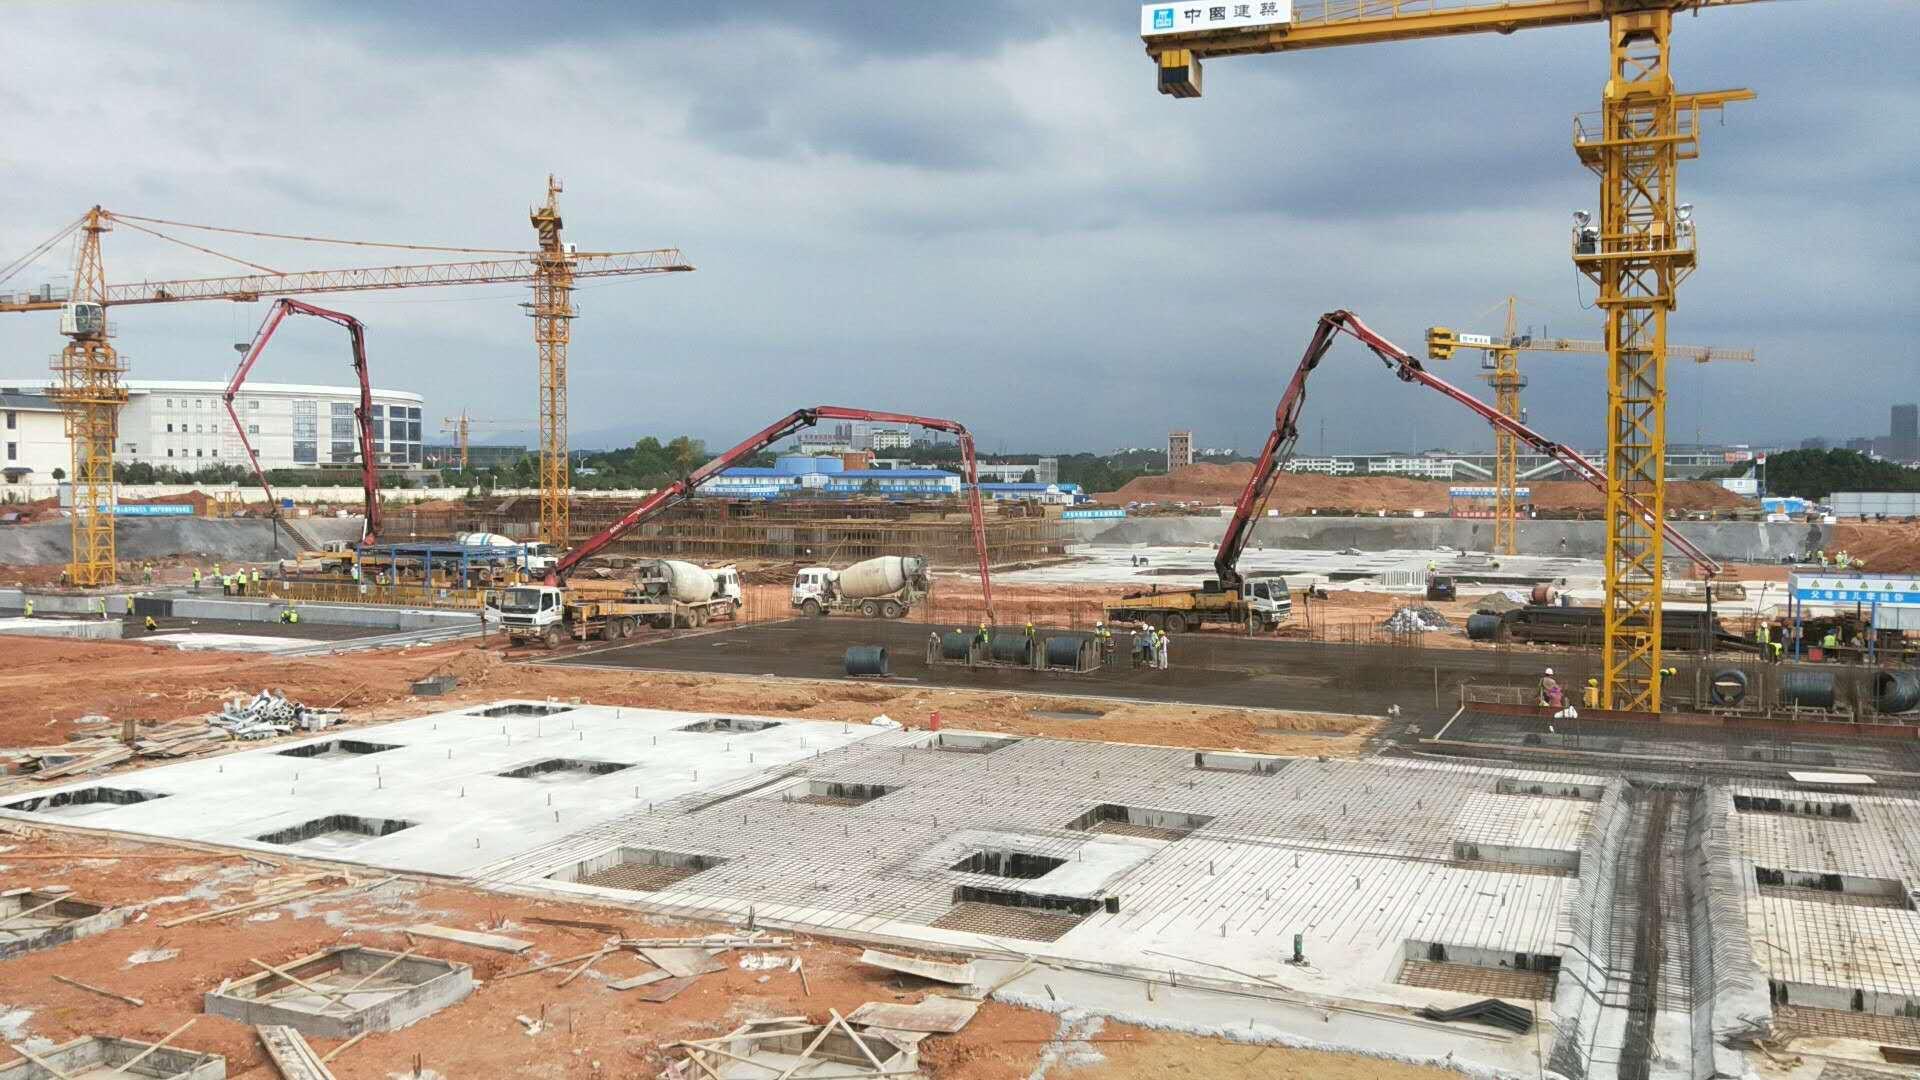 商品混凝土施工现场3